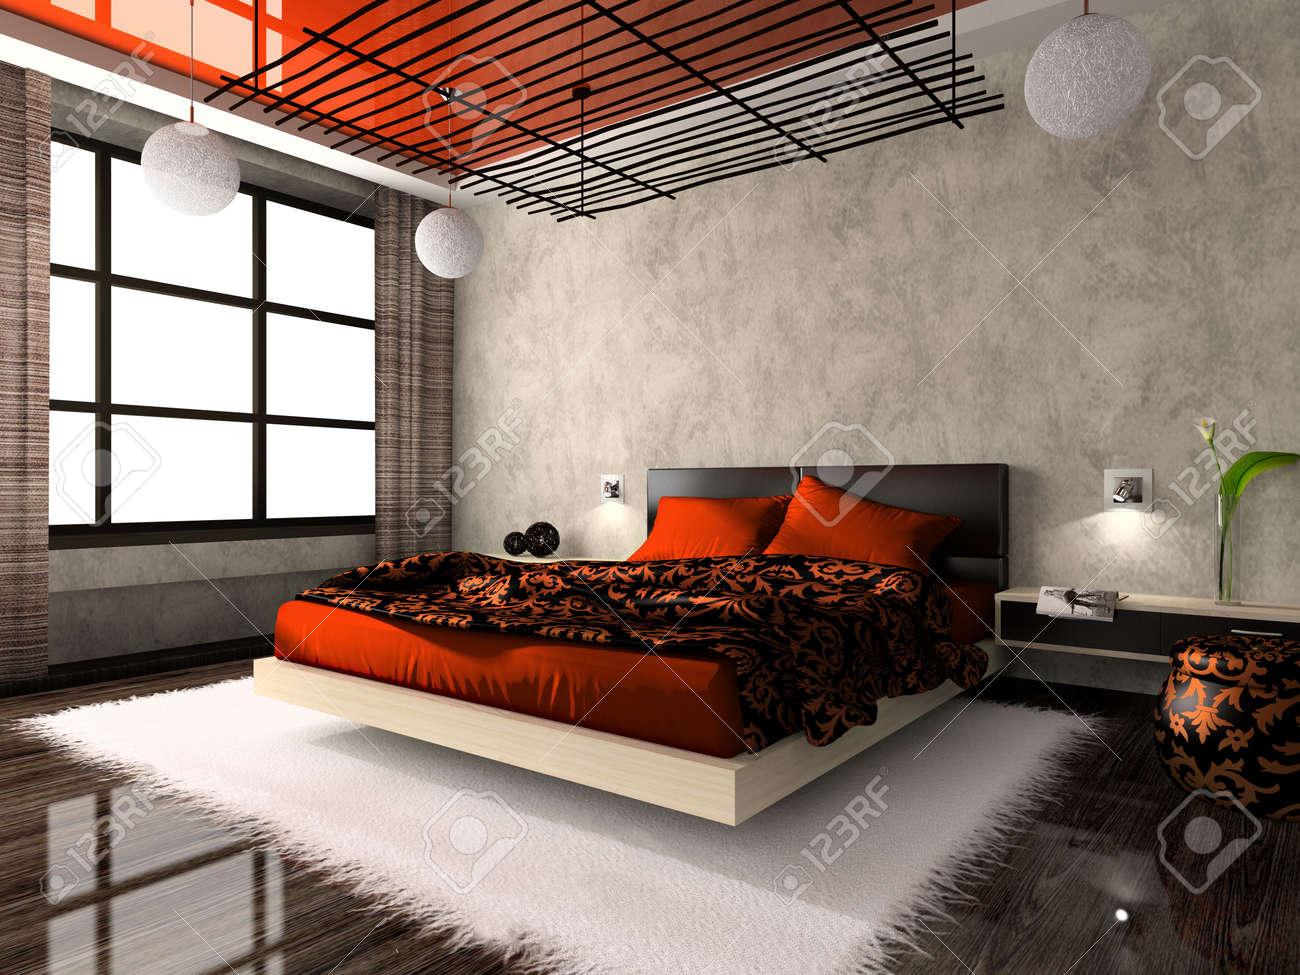 Interni lussuosi della camera da letto in colore rosso. Foto in rivista è  stata fatta da me, ho caricato il rilascio di modello